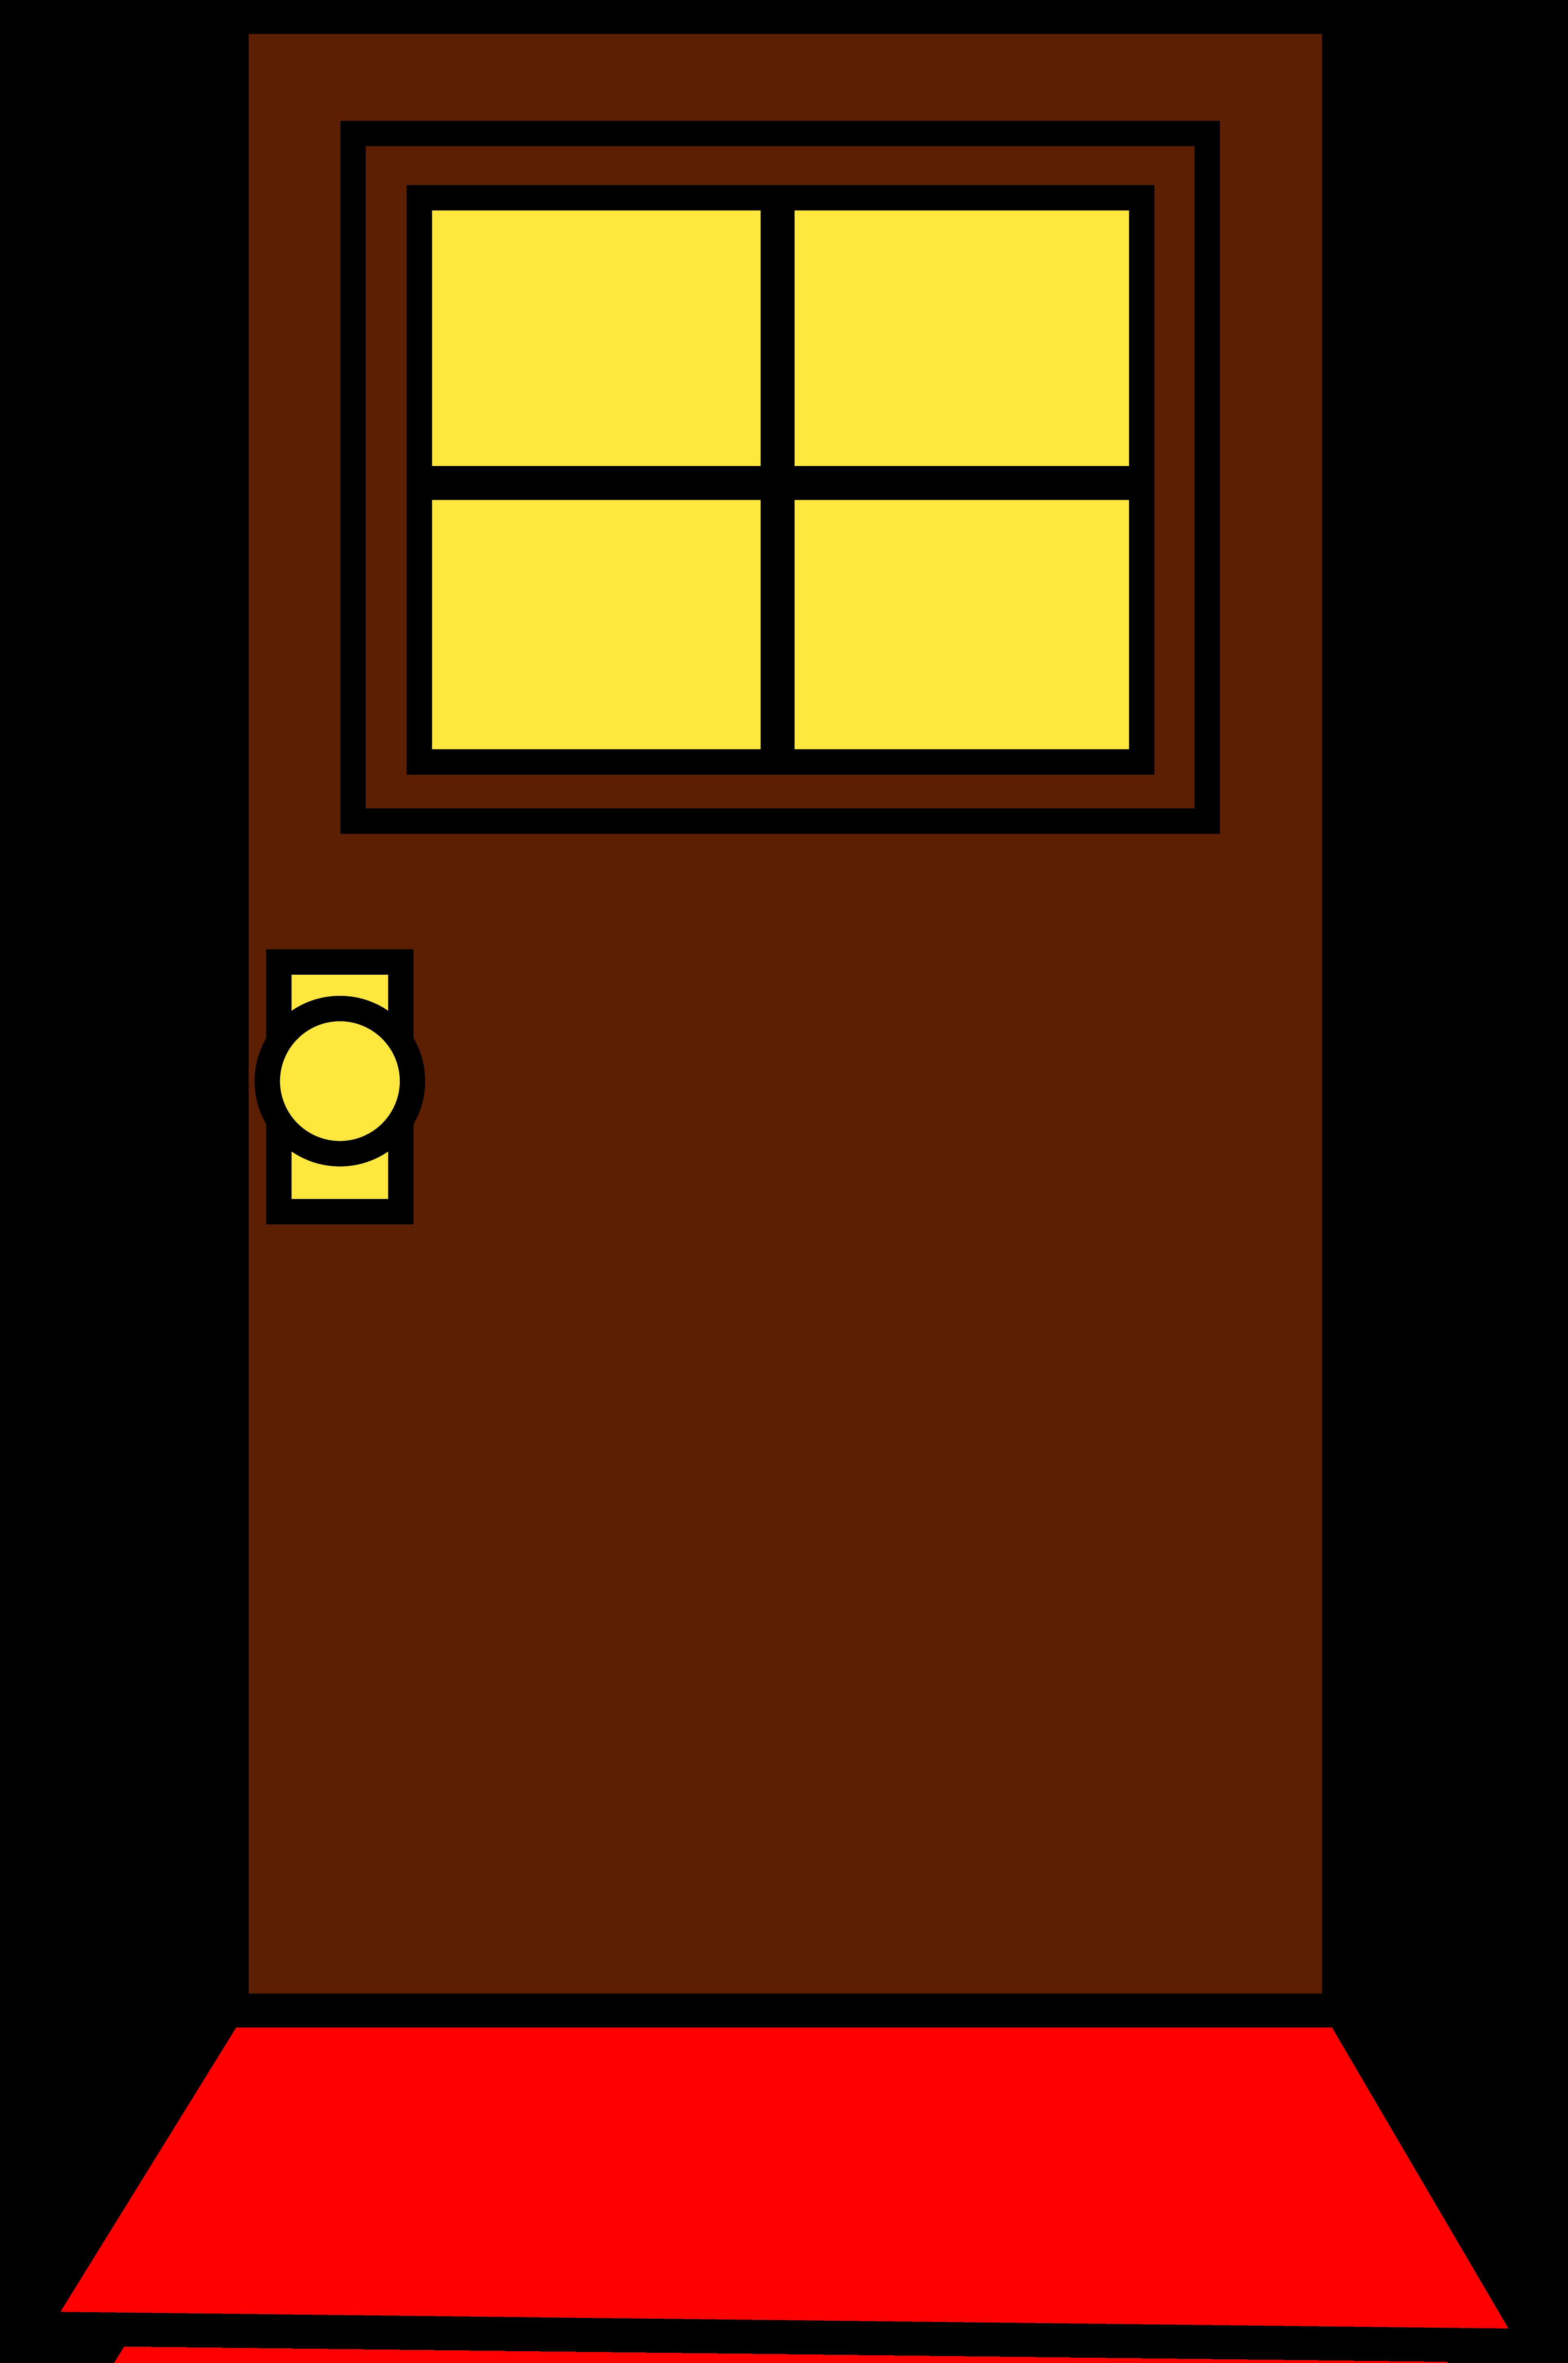 Door Clip Art - Cliparts.co